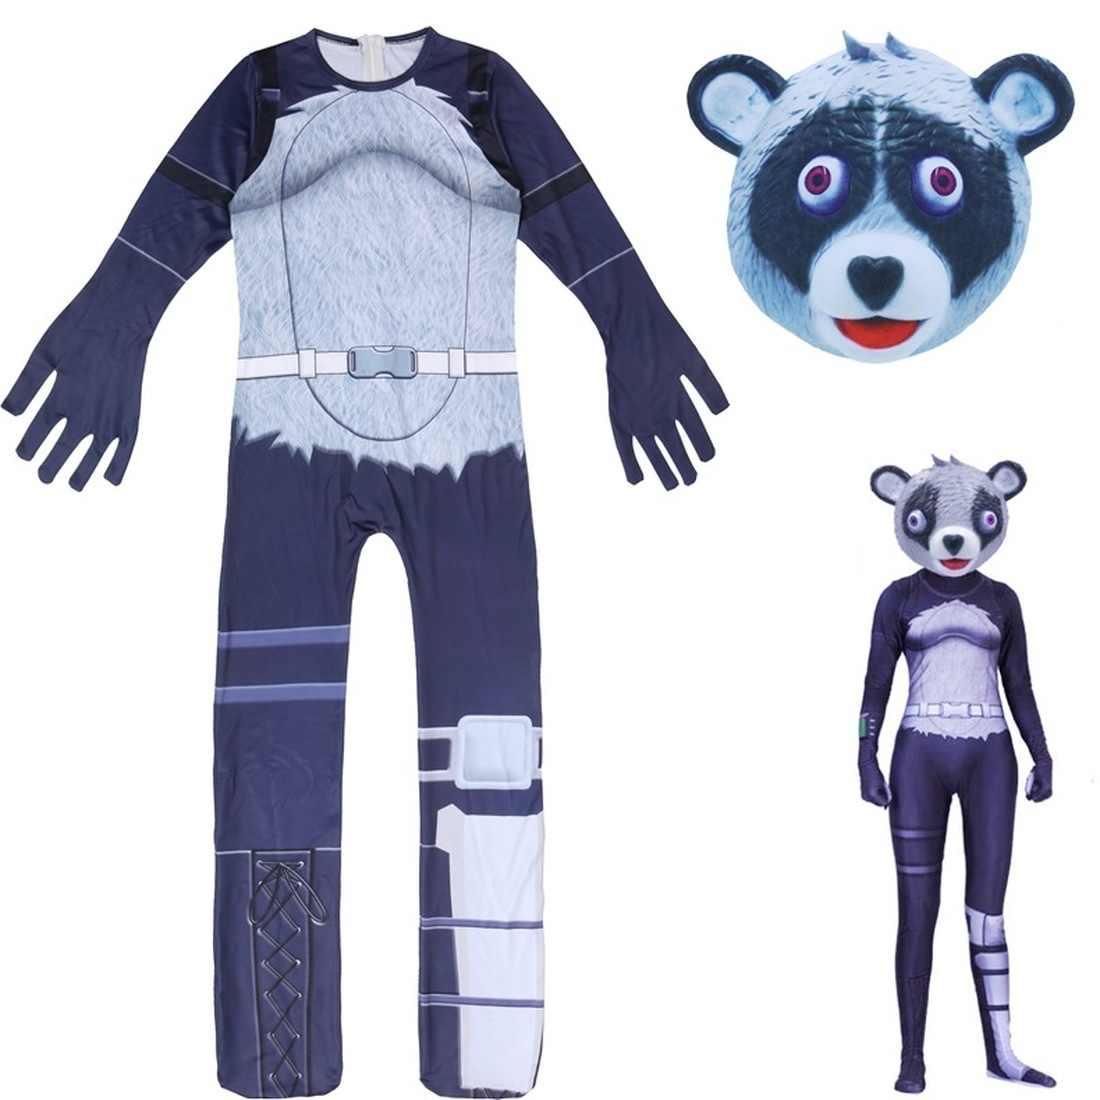 Детские костюмы на Хэллоуин для девочек; Fantasia Mardi Gras; комплект одежды для девочек; Лидер продаж 2020 года; сексуальный костюм для девочек; комплект одежды для девочек